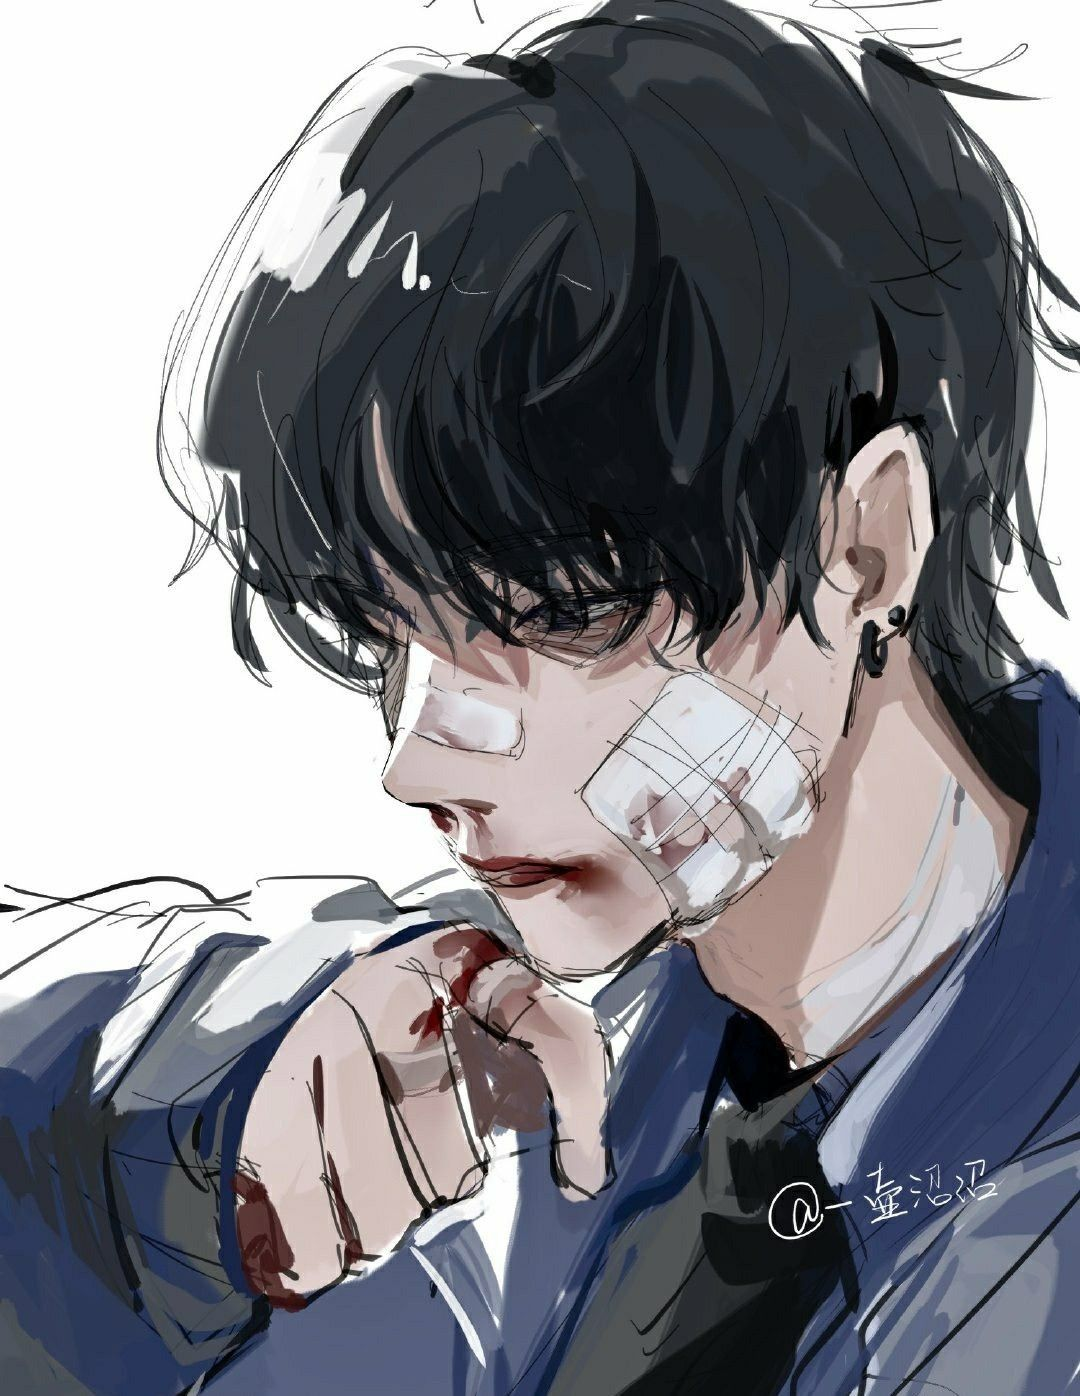 Animeboy Bruises Blackhair In 2020 Manga Art Anime Art Girl Boy Art